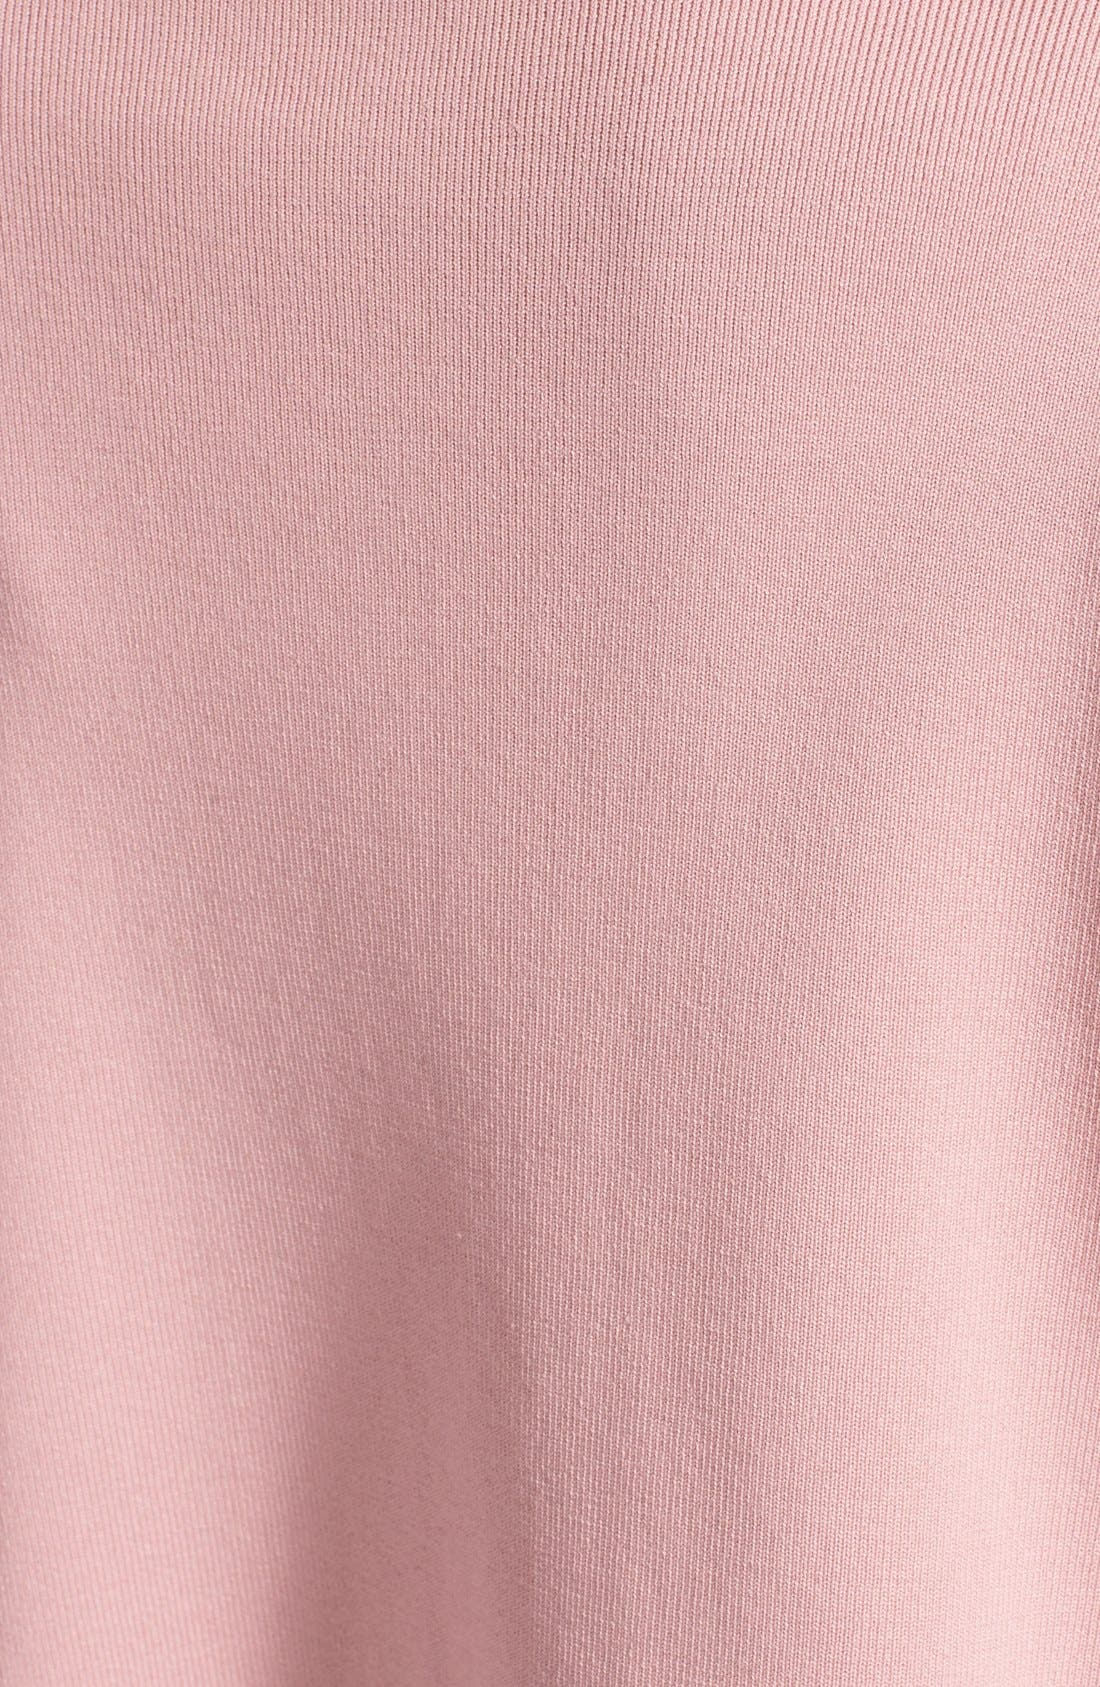 Alternate Image 3  - ACNE 'Misty Clean' Cotton Crewneck Sweater